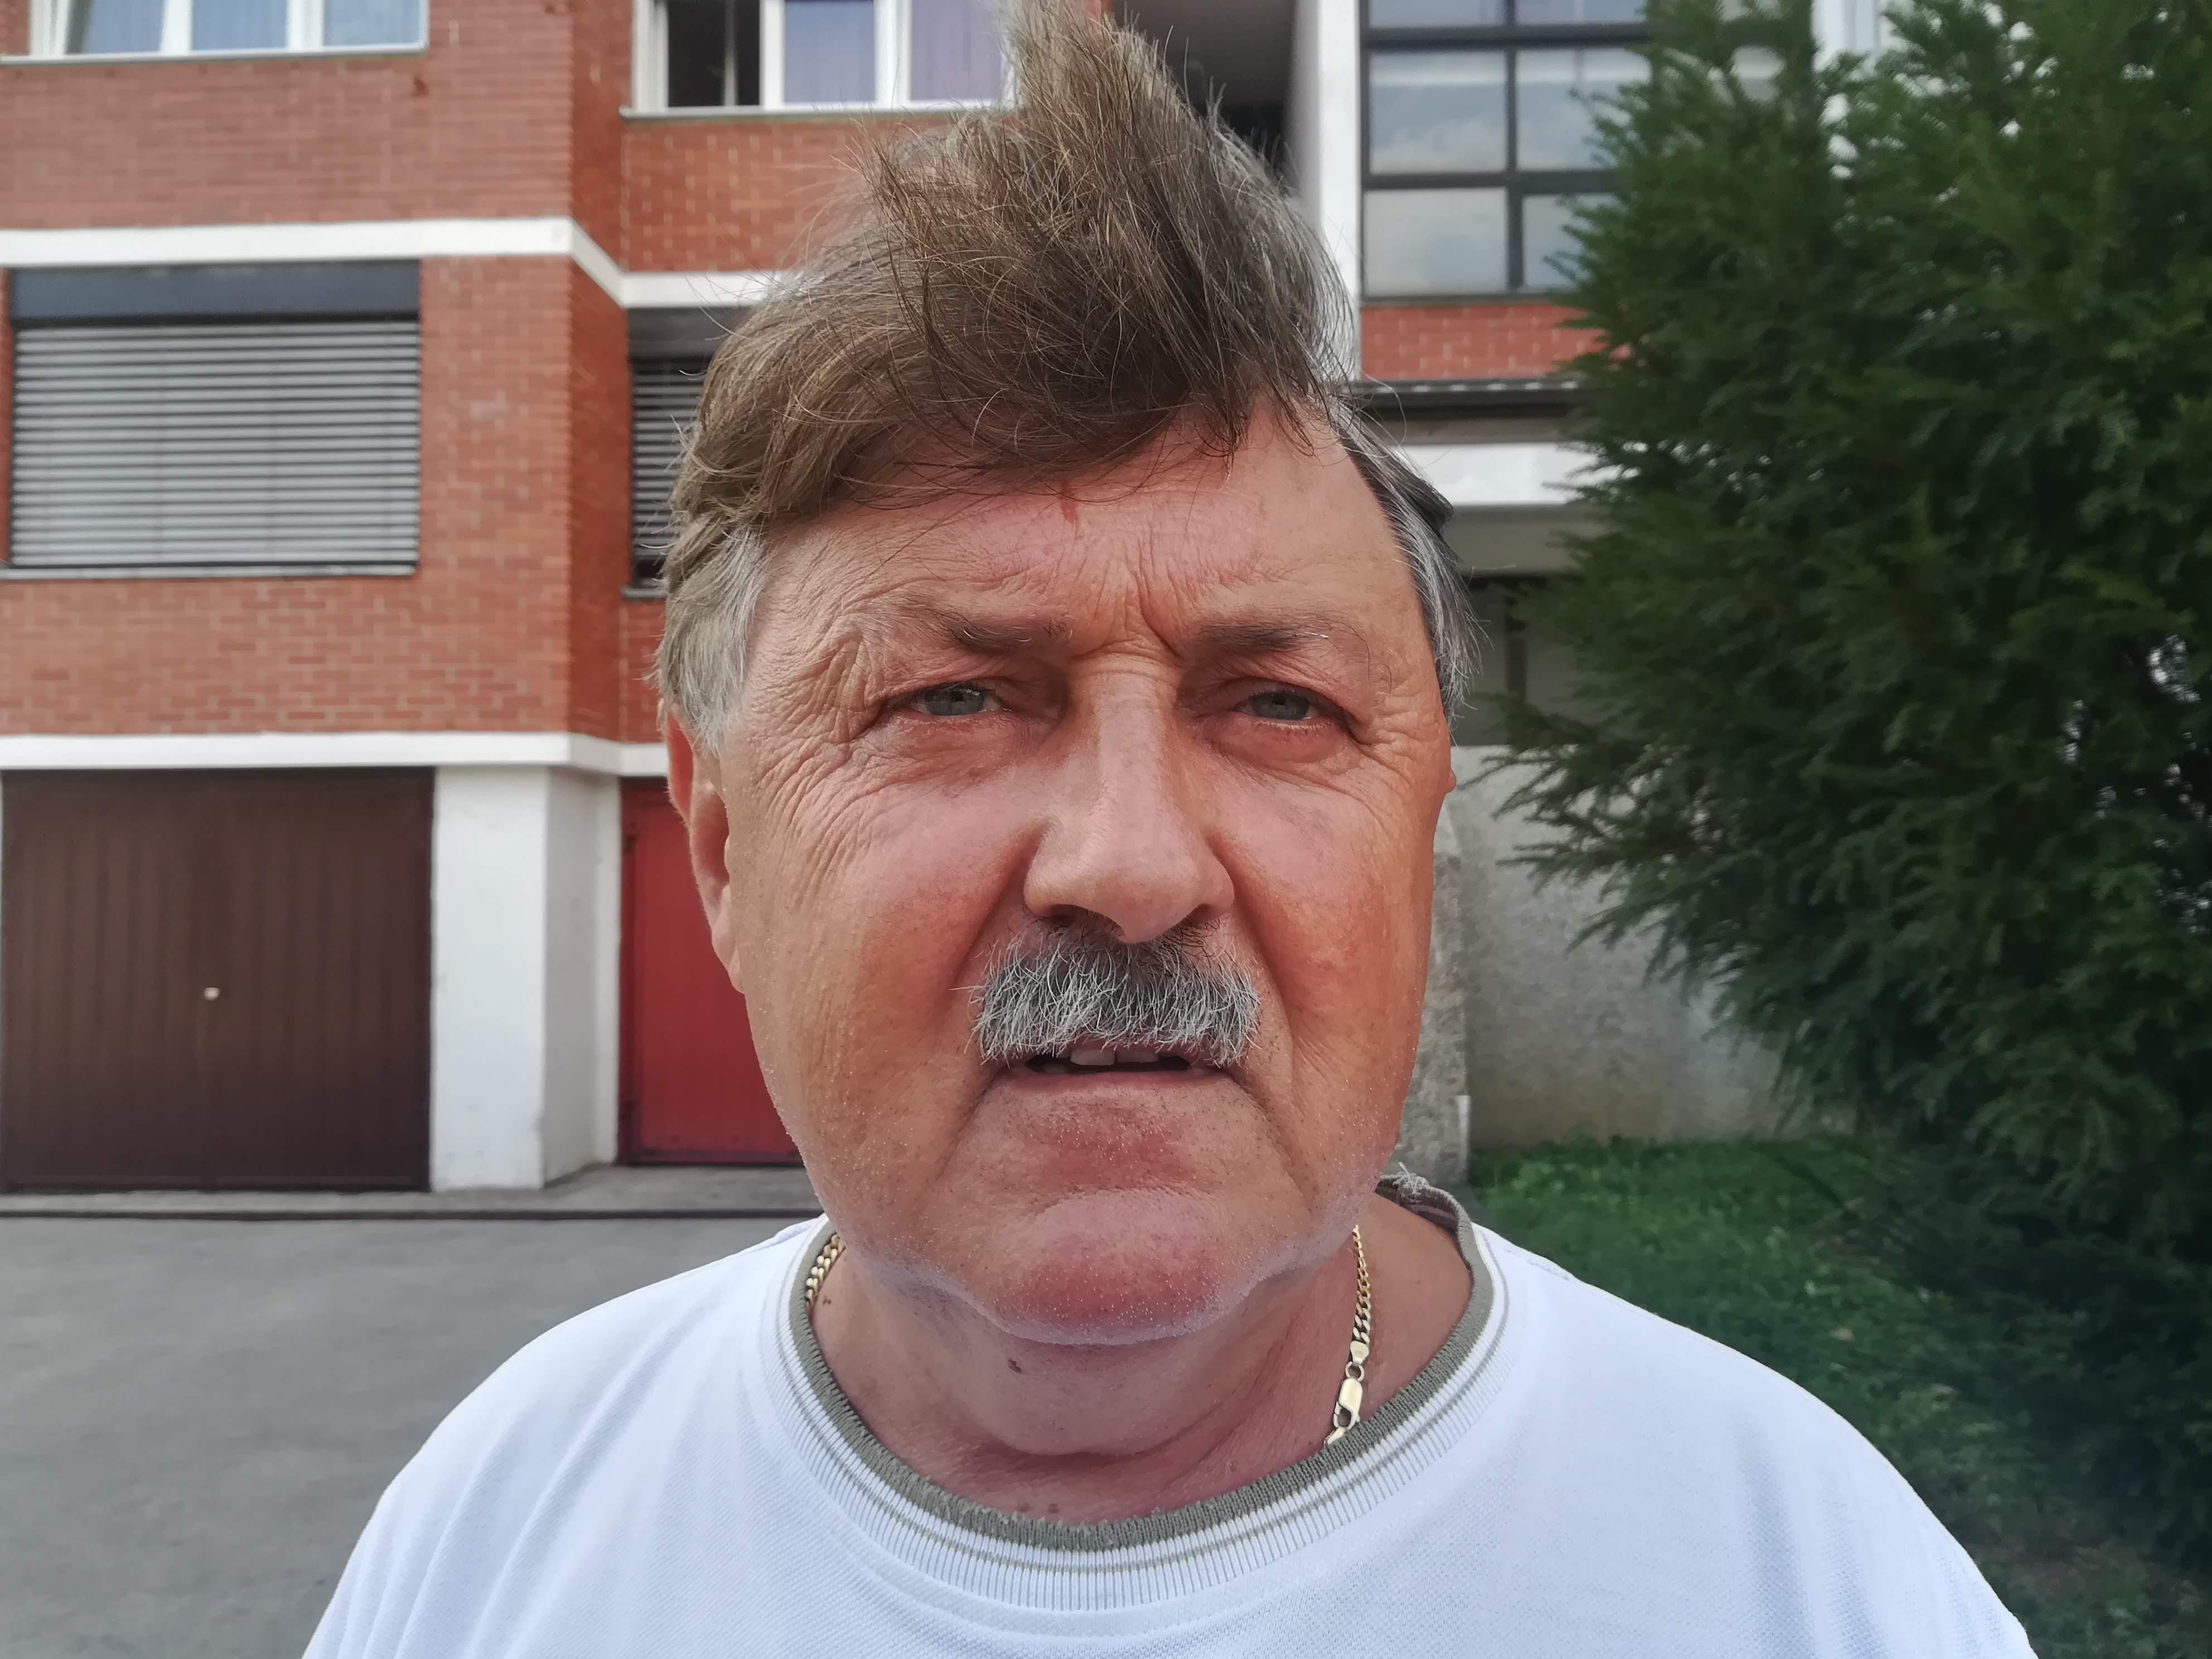 Marijan Fudurić, Karlovac, 21. 8. 2019. Foto: Marin Bakić